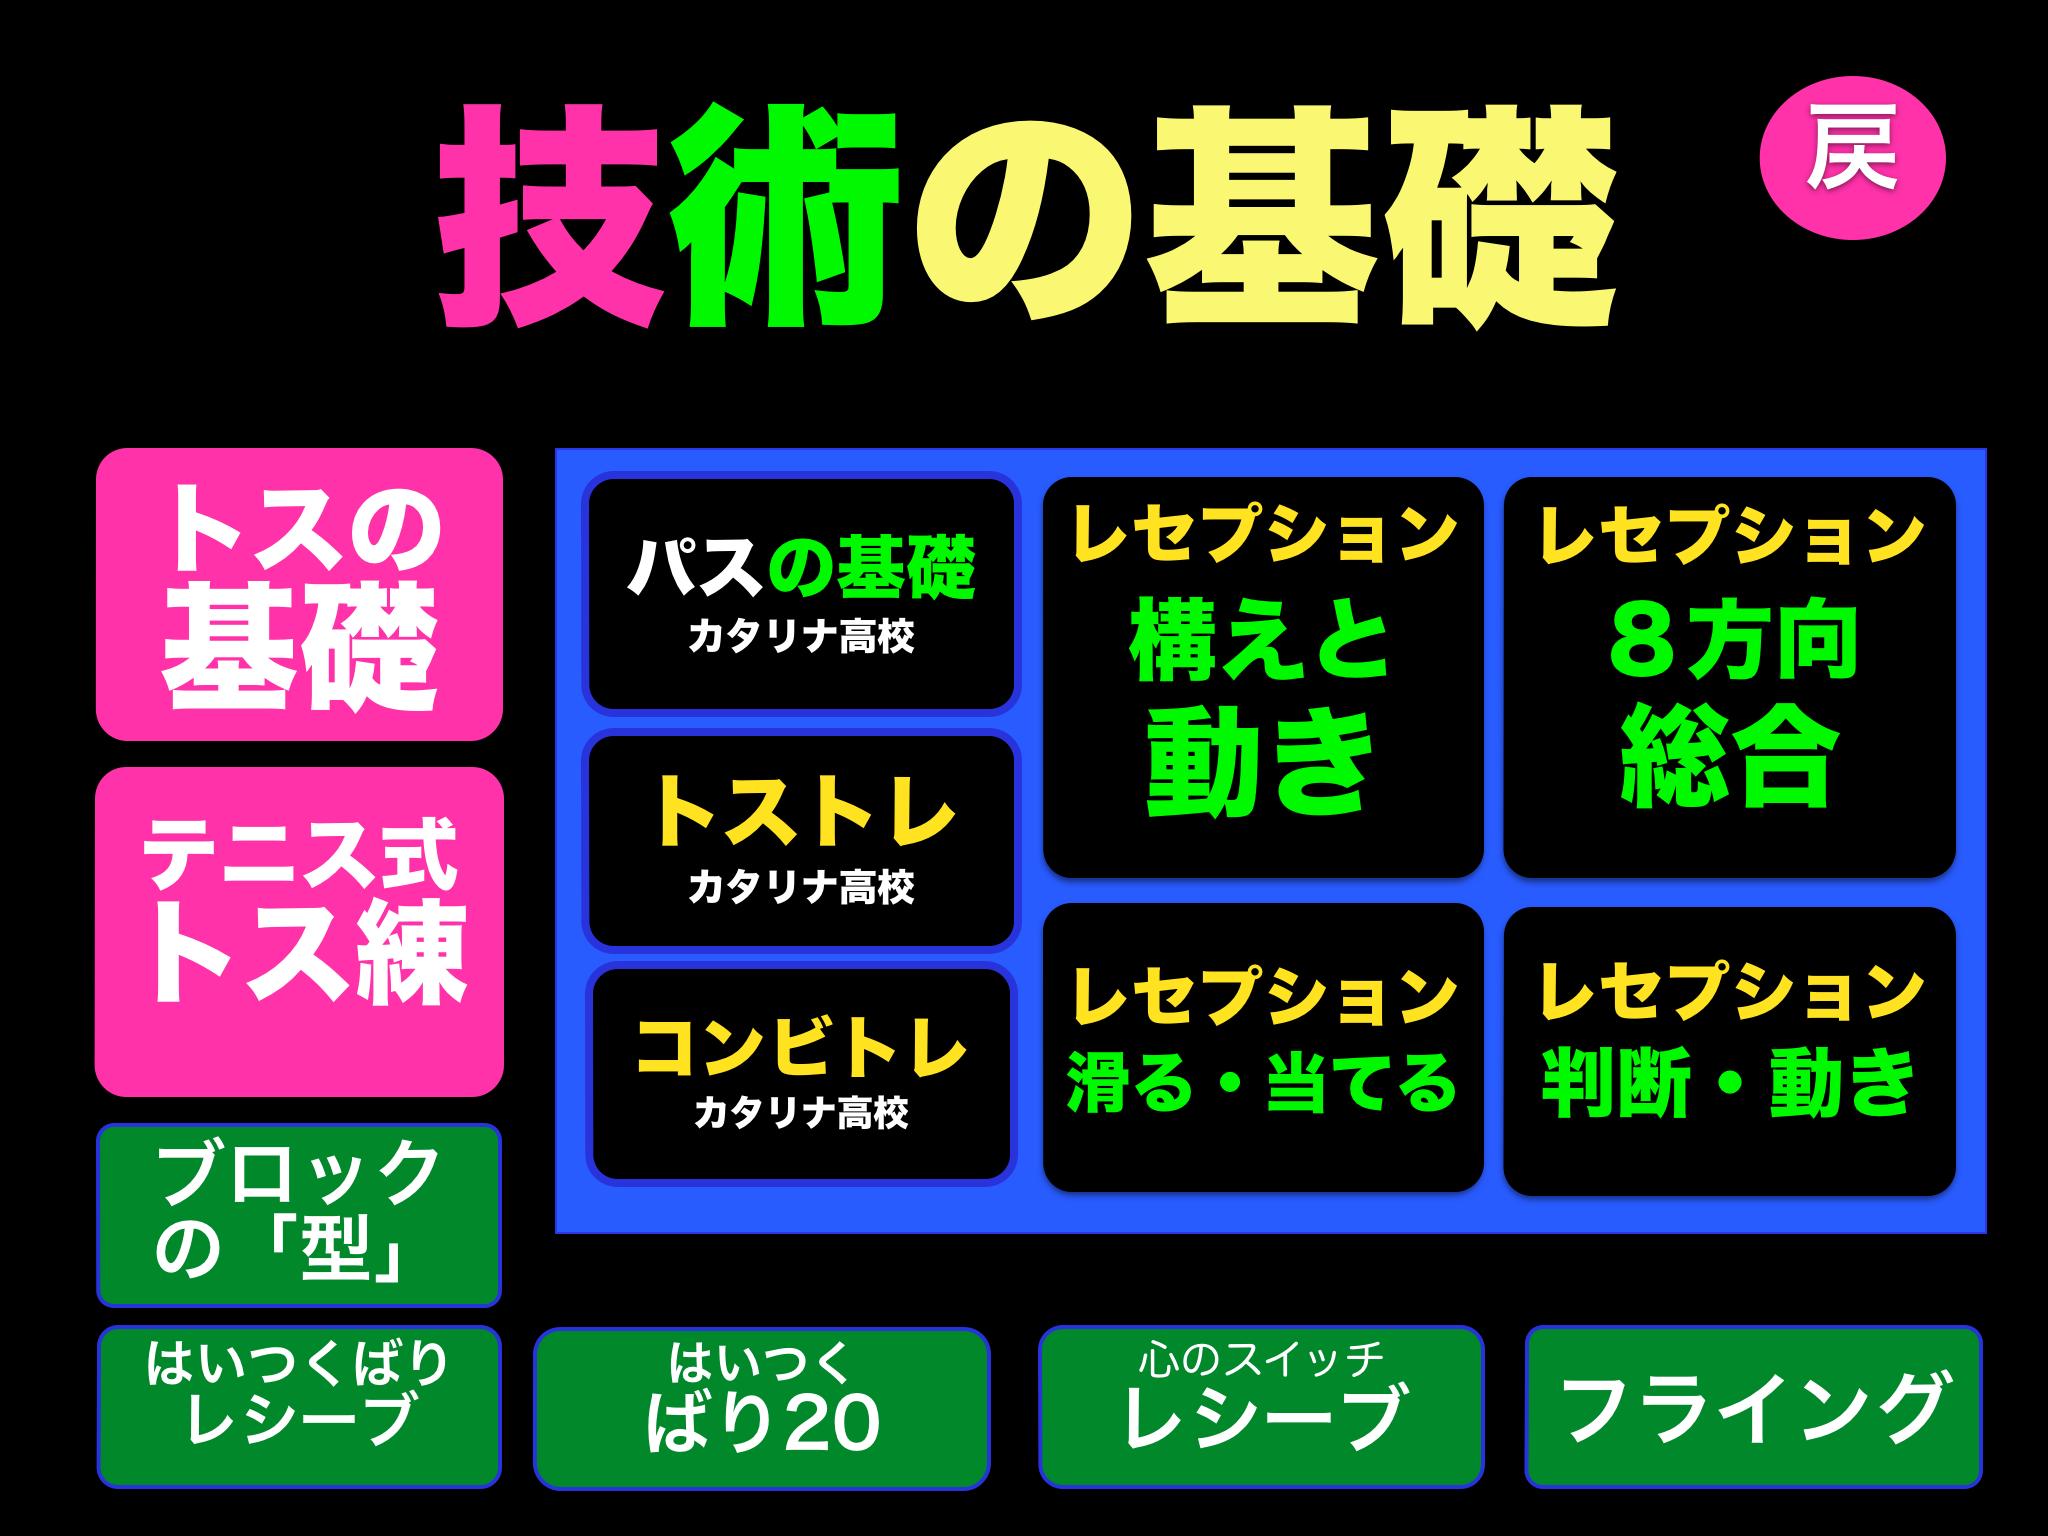 バレー塾 第949回 in横浜_c0000970_23525447.png